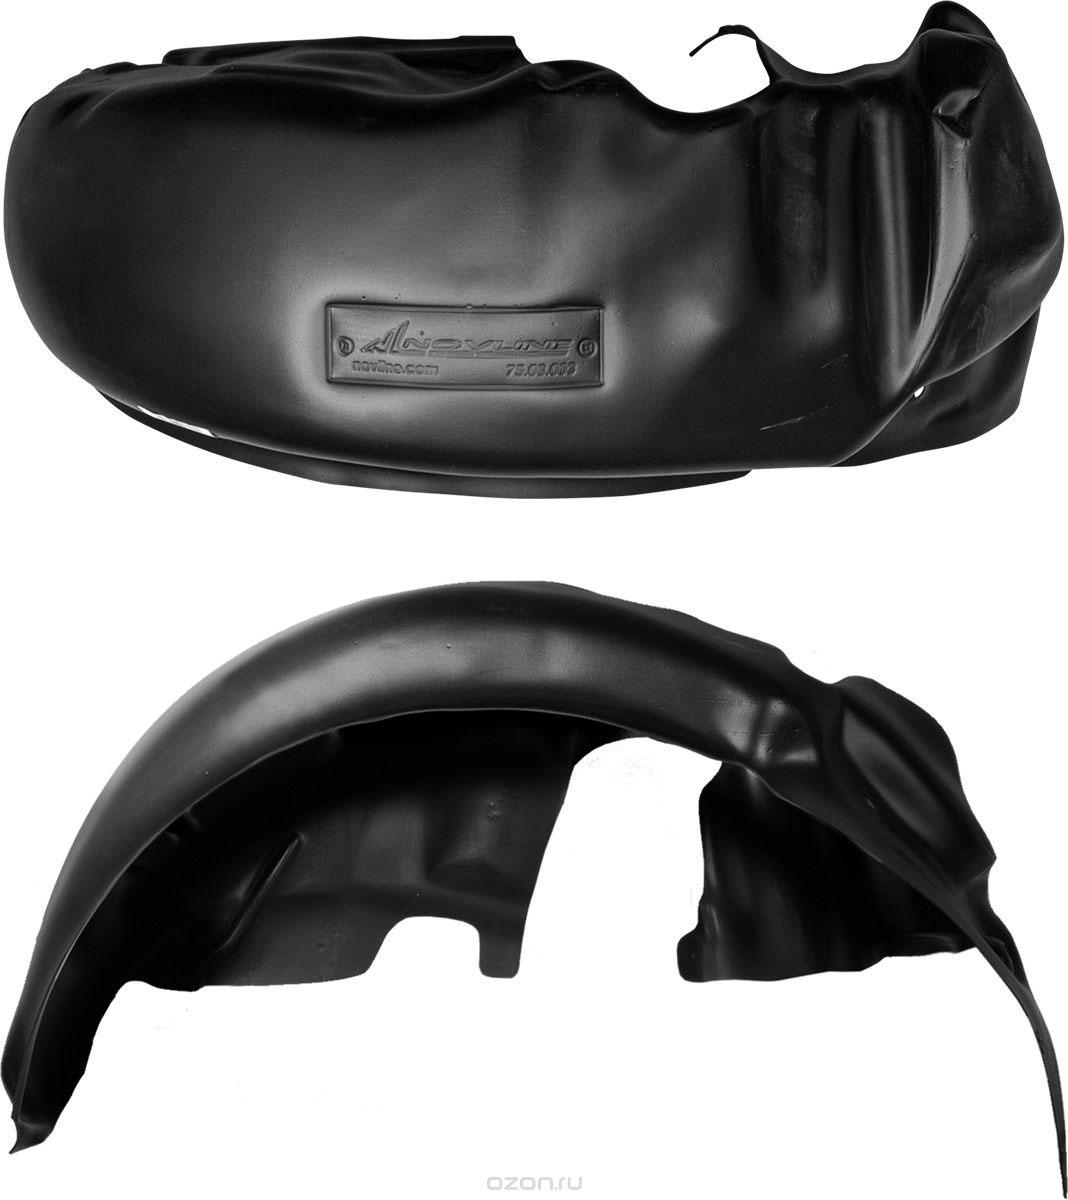 Подкрылок Novline-Autofamily, для ВАЗ 2113-15, 1997-2013, передний левый000711Идеальная защита колесной ниши. Локеры разработаны с применением цифровых технологий, гарантируют максимальную повторяемость поверхности арки. Изделия устанавливаются без нарушения лакокрасочного покрытия автомобиля, каждый подкрылок комплектуется крепежом. Уважаемые клиенты, обращаем ваше внимание, что фотографии на подкрылки универсальные и не отражают реальную форму изделия. При этом само изделие идет точно под размер указанного автомобиля.